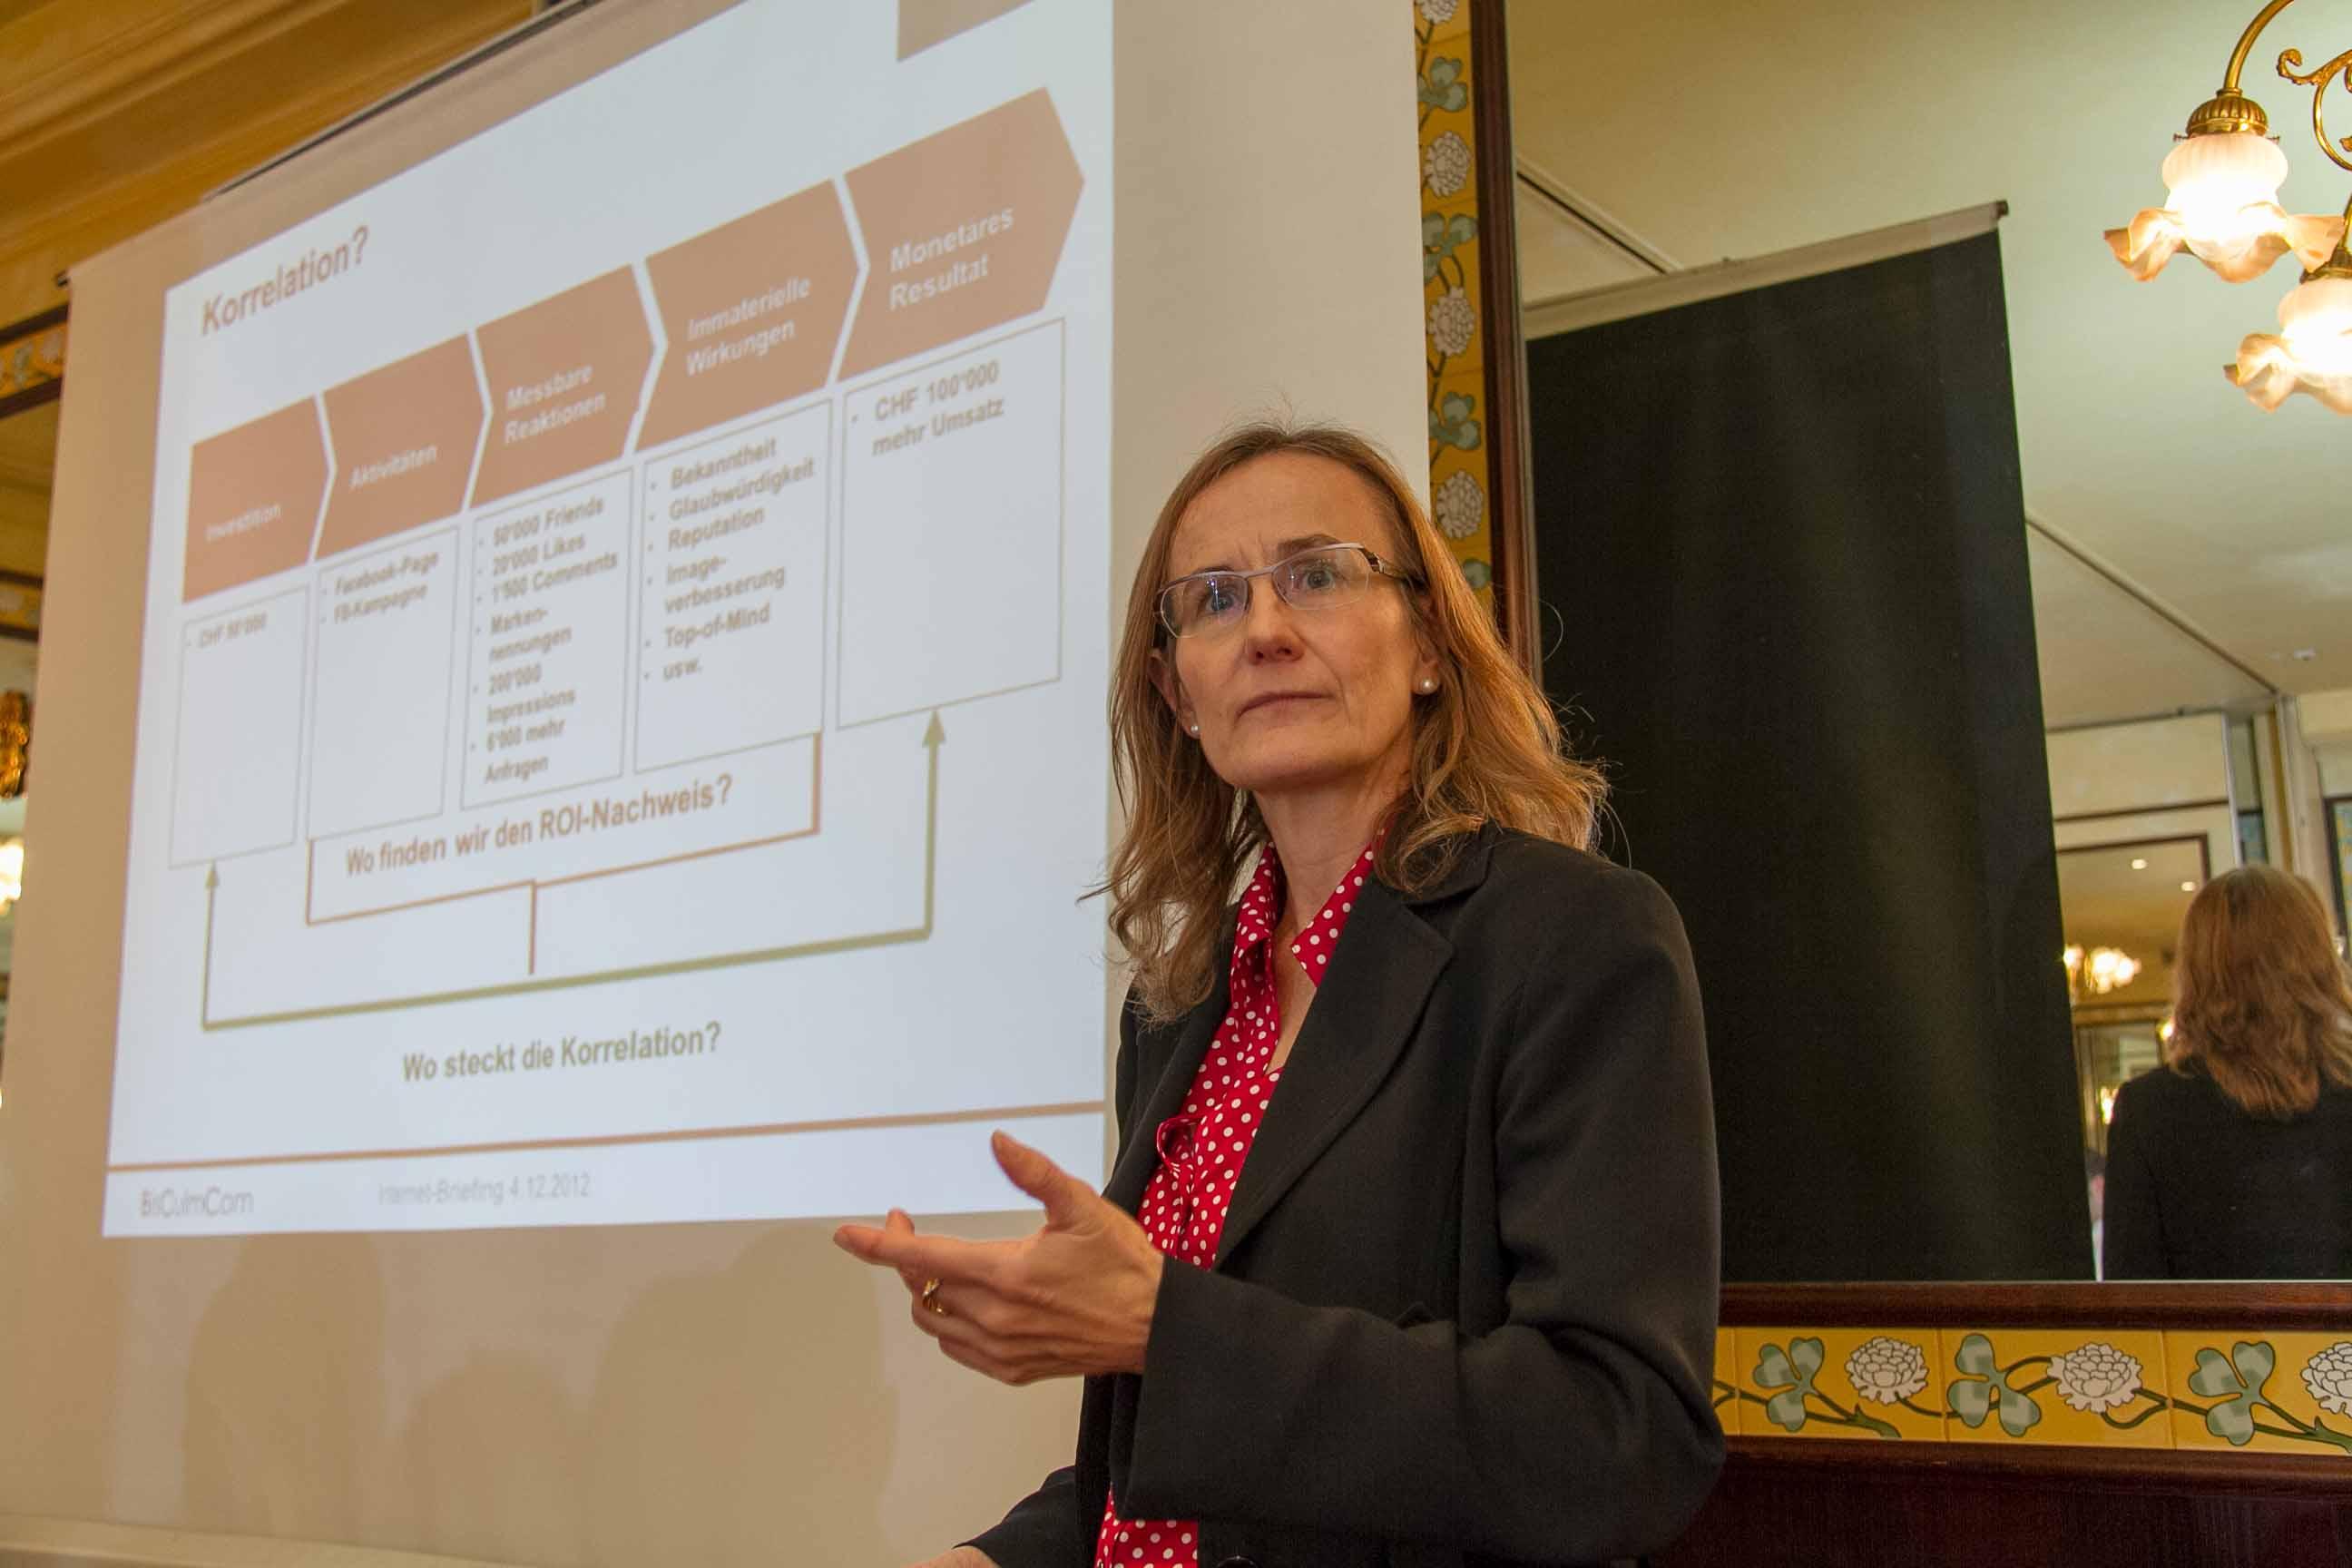 Bernadette Bisculm: Korrelation von Massnahmen und ROI